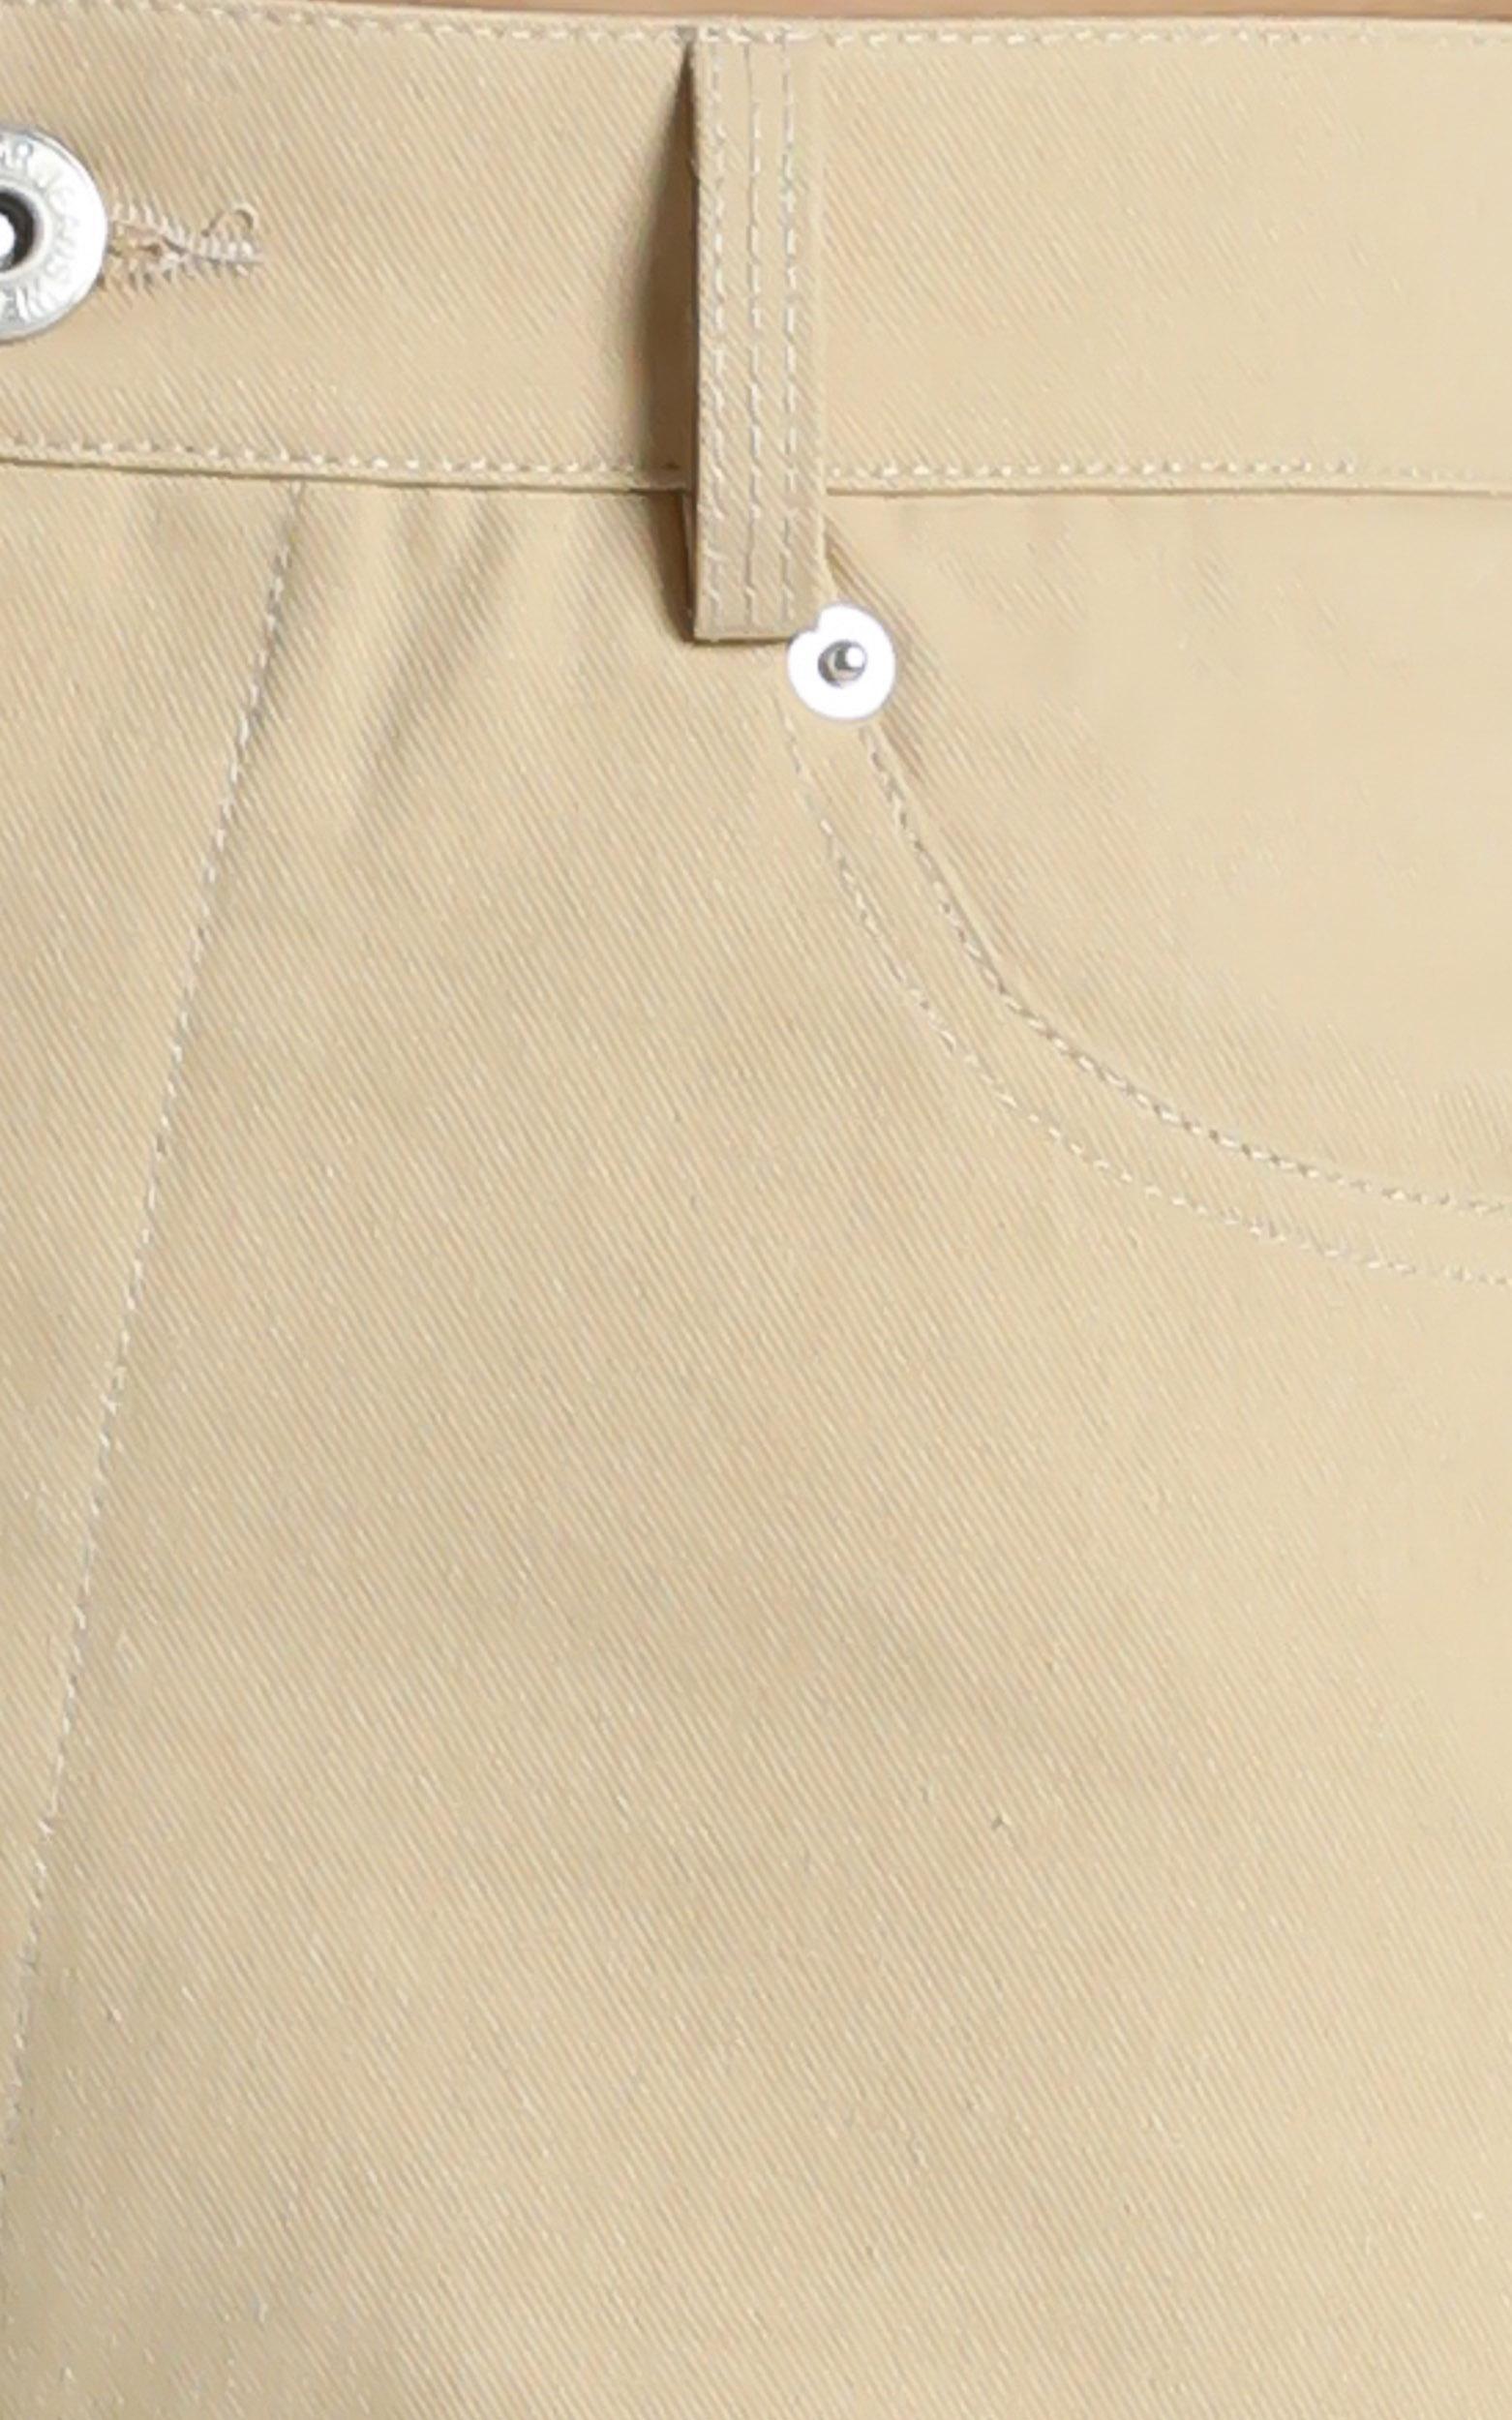 Jayla Shorts in Beige - 14 (XL), Beige, hi-res image number null